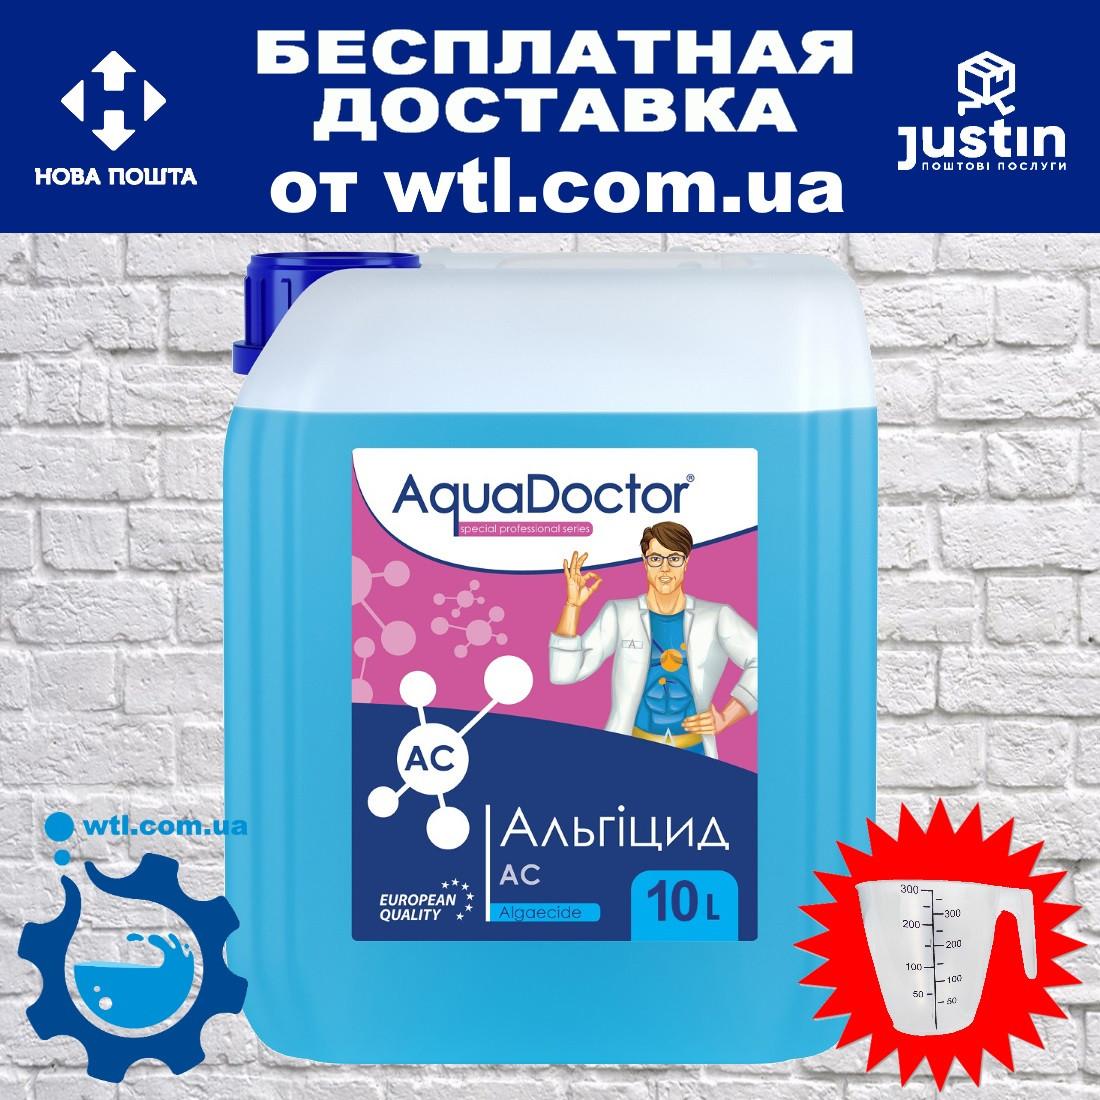 Альгицид Aquadoctor AC 10 л. Жидкость против водорослей и зелени в бассейне. Химия для бассейнов Аквадоктор